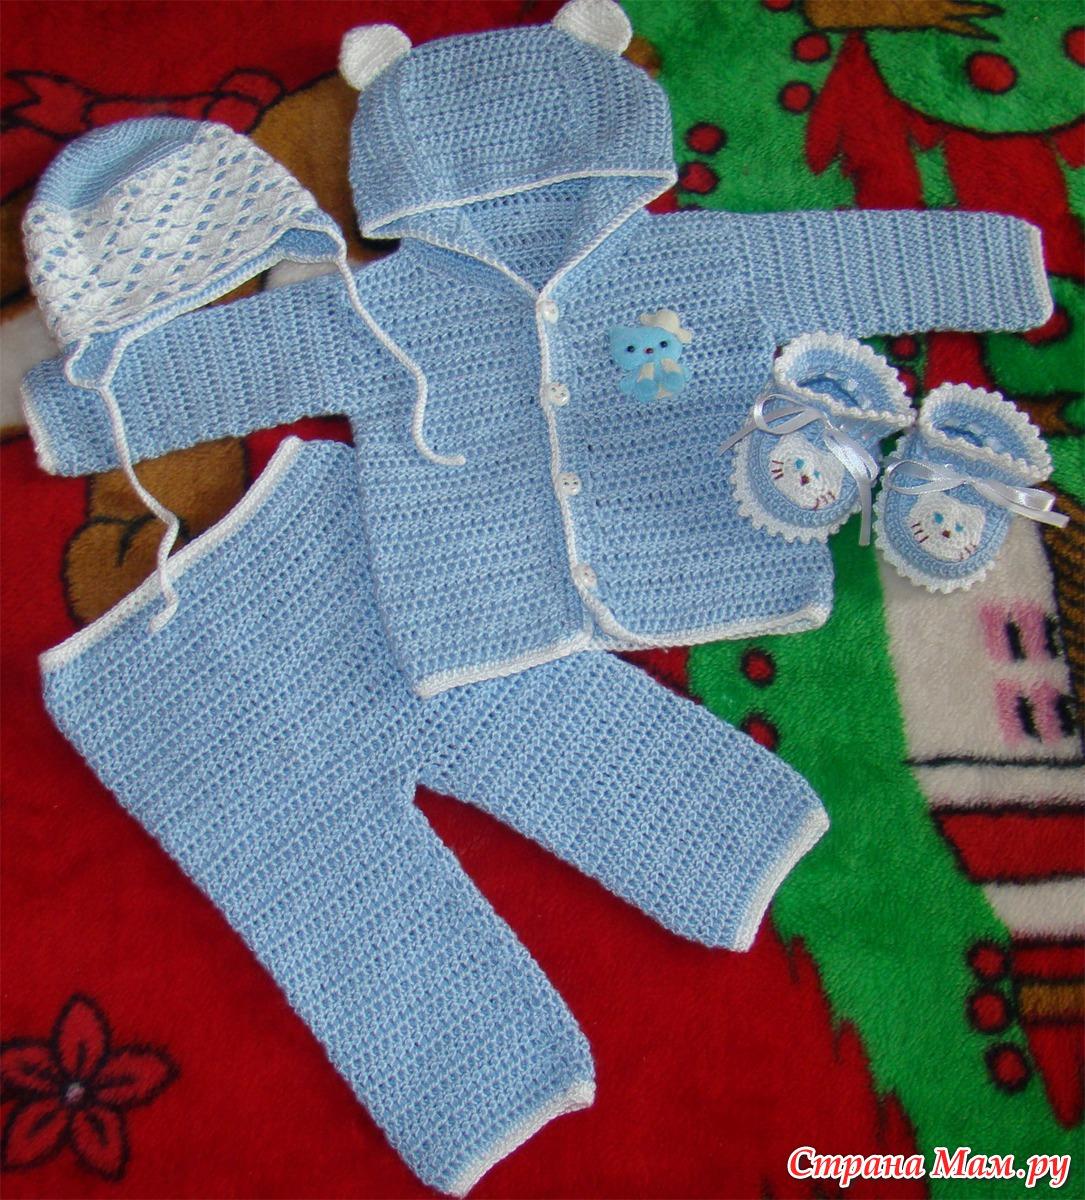 Вязаная одежда для новорожденных своими руками фото